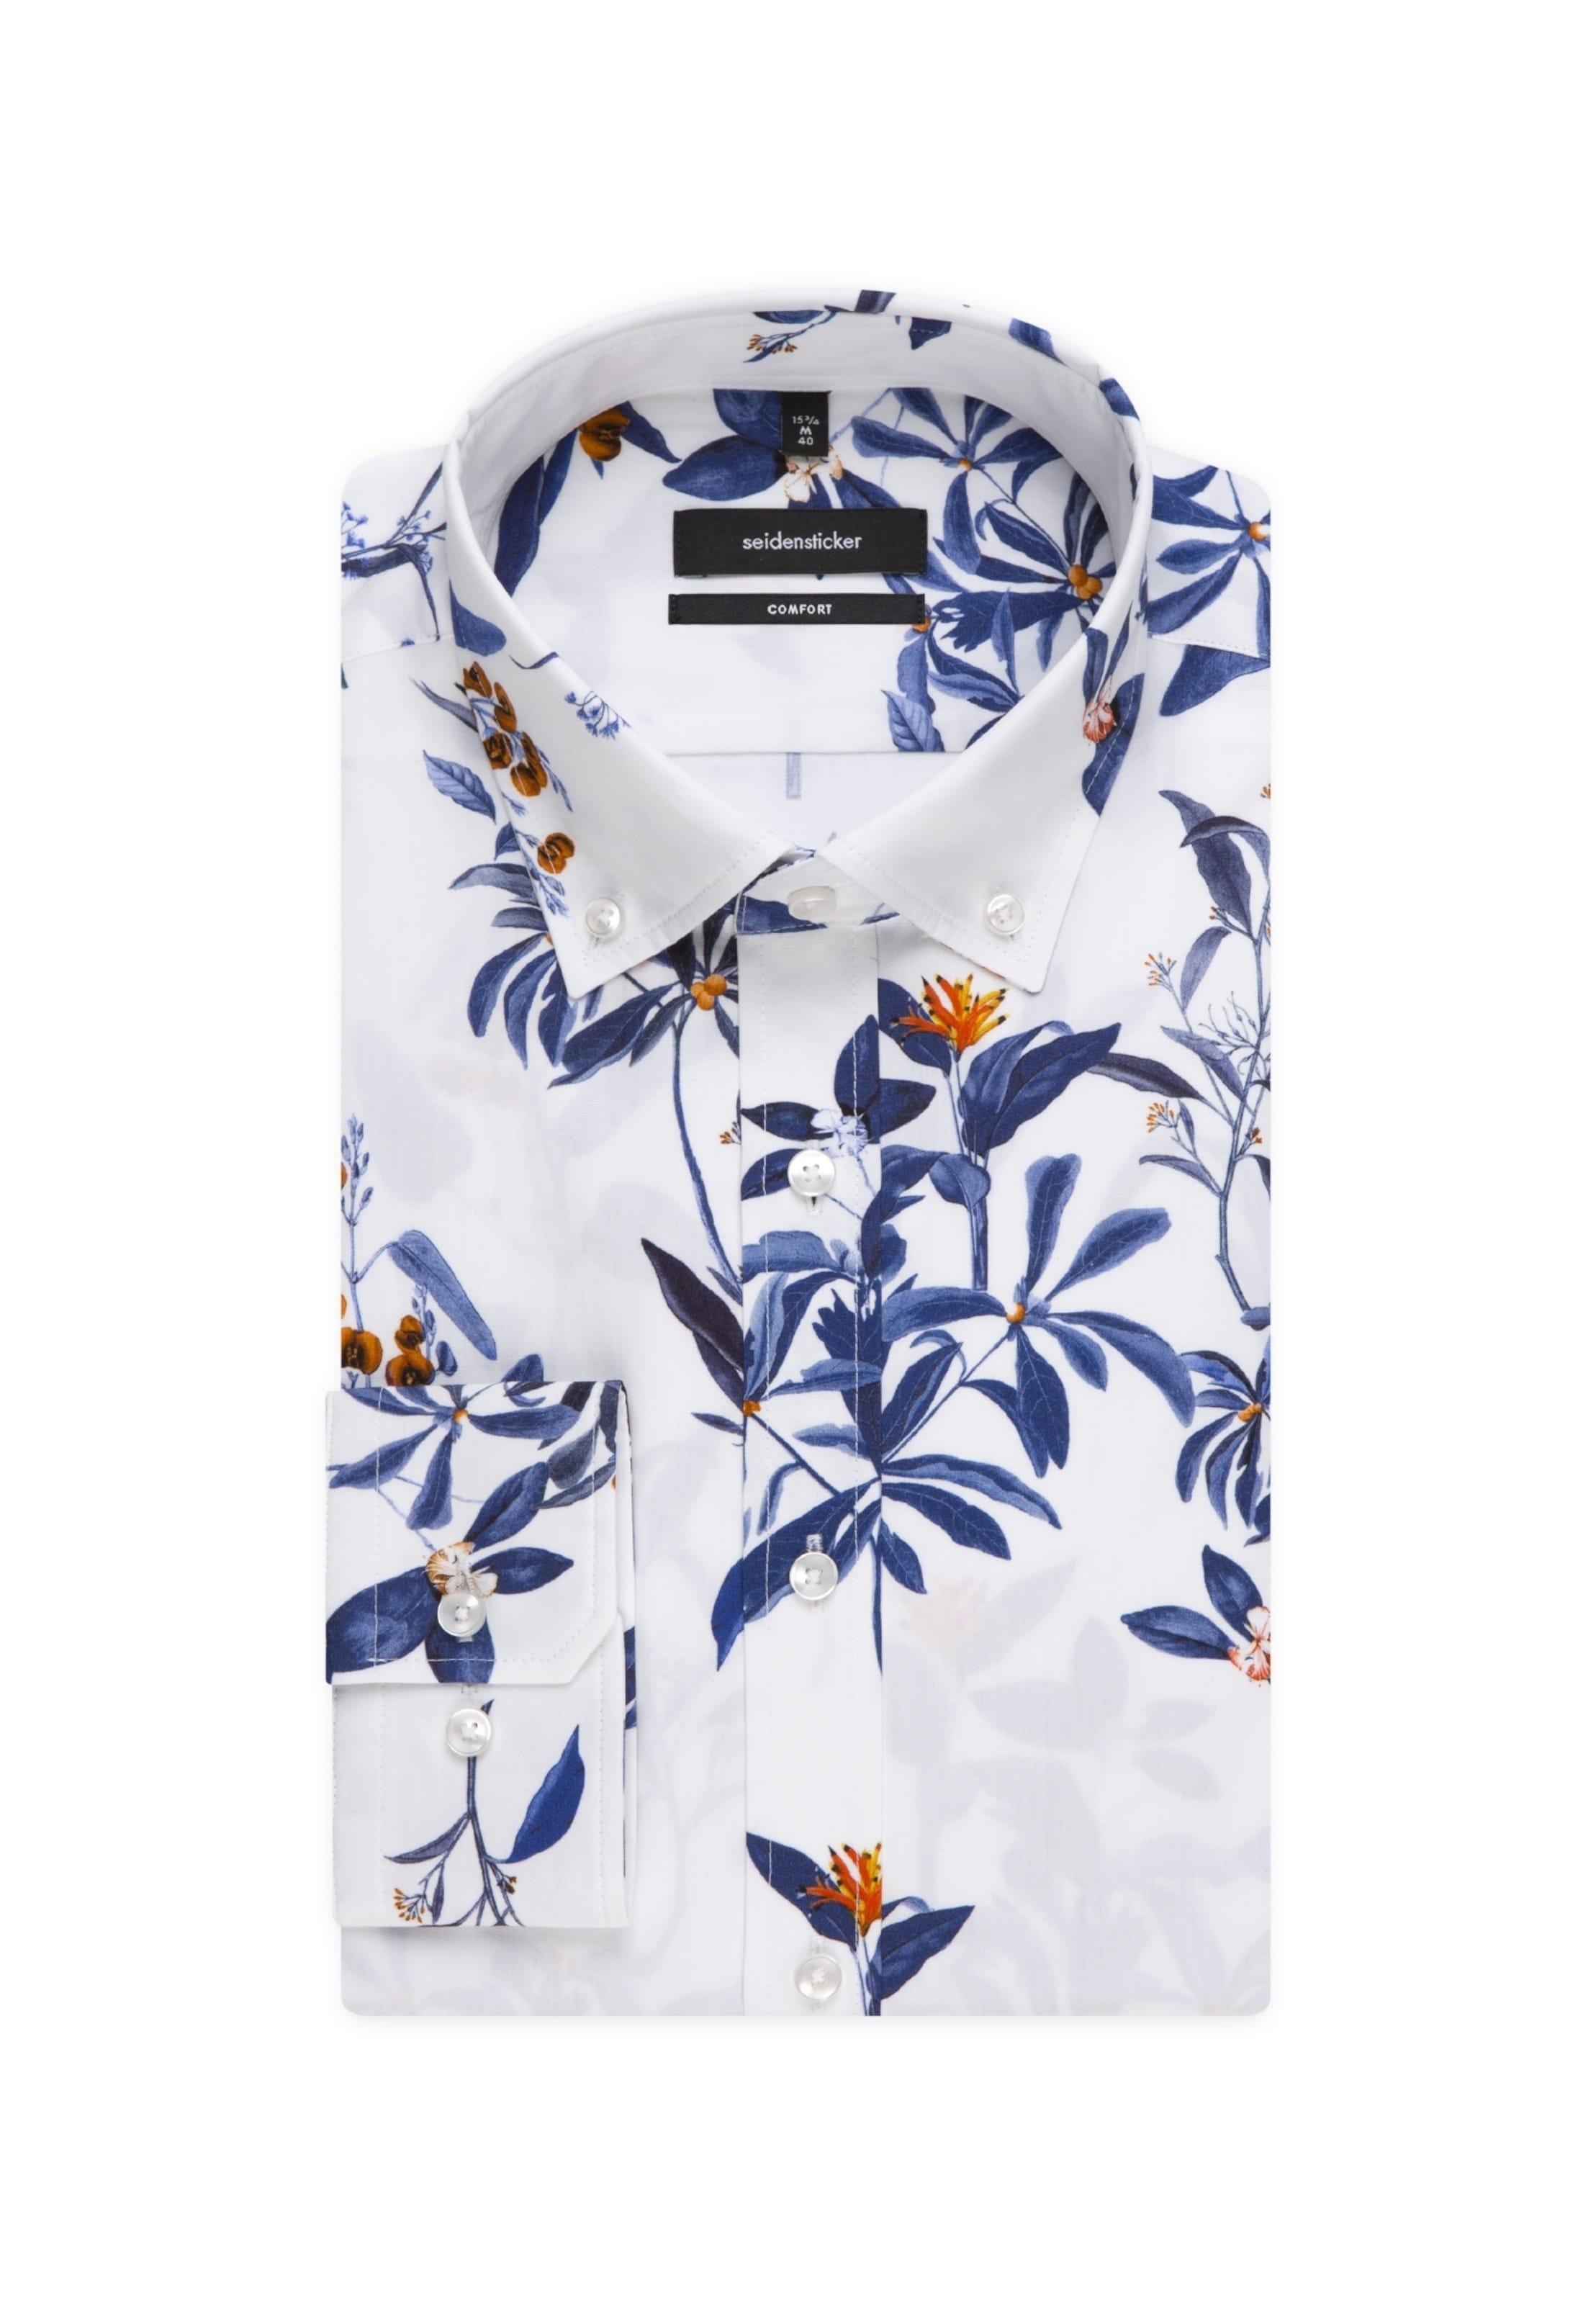 Seidensticker BlauBronze Hemd In BlauBronze Weiß Hemd Seidensticker In Weiß hQtsrdC